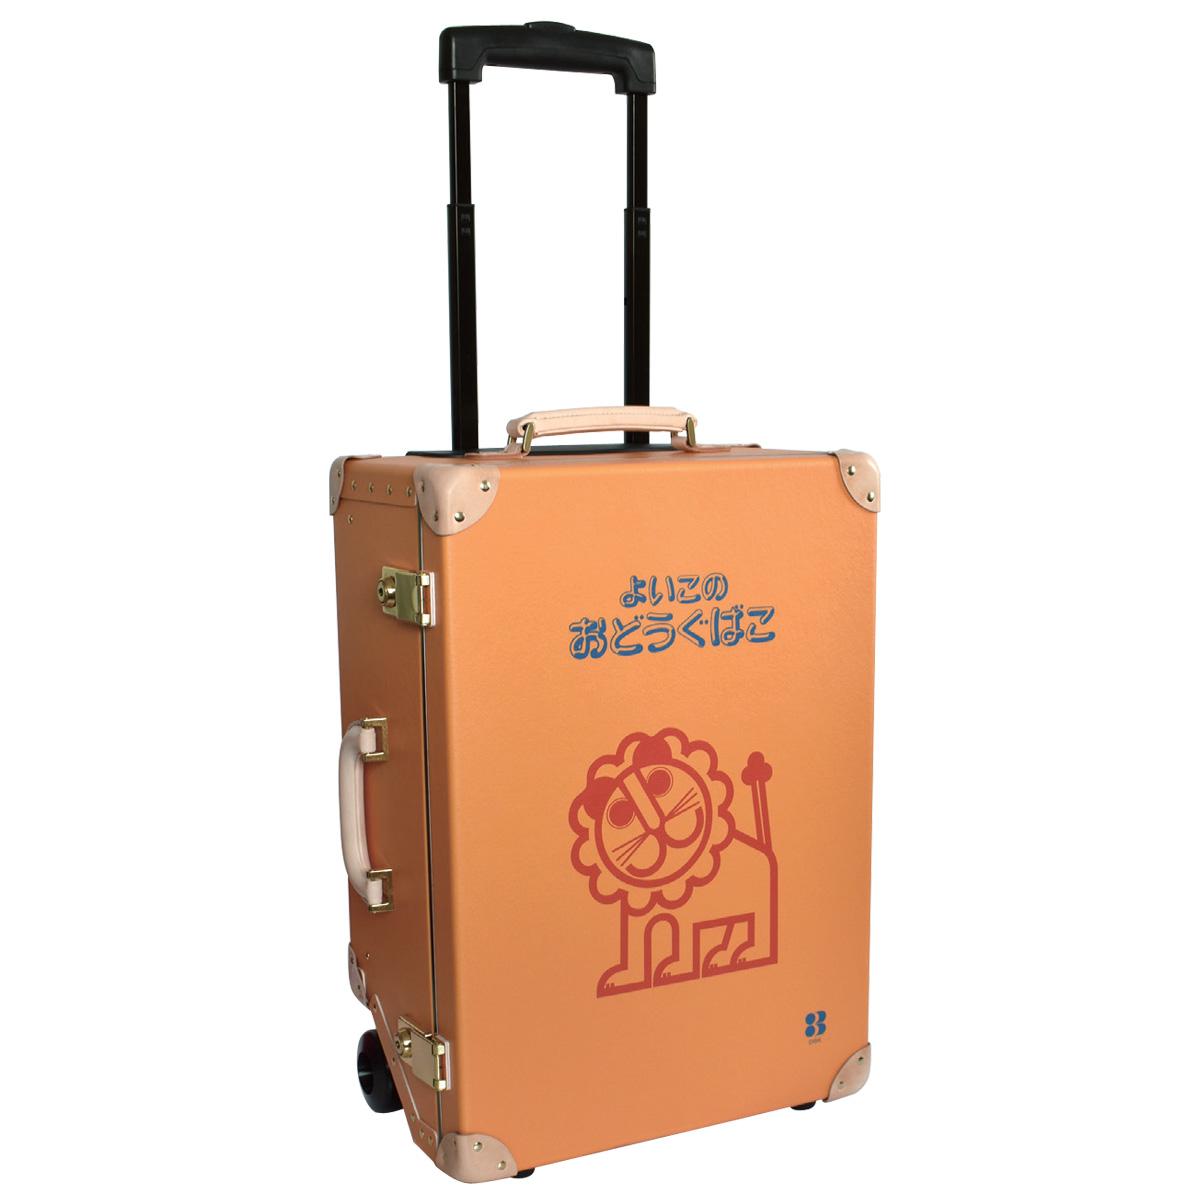 よいこのおどうぐばこ ライオン柄 キャリーバッグ スーツケース らいおん 1年保証 機内持ち込み 2泊3日 ライオン柄 らいおん かわいい スーツケース 人気 デビカ, hyog:a8461320 --- sunward.msk.ru